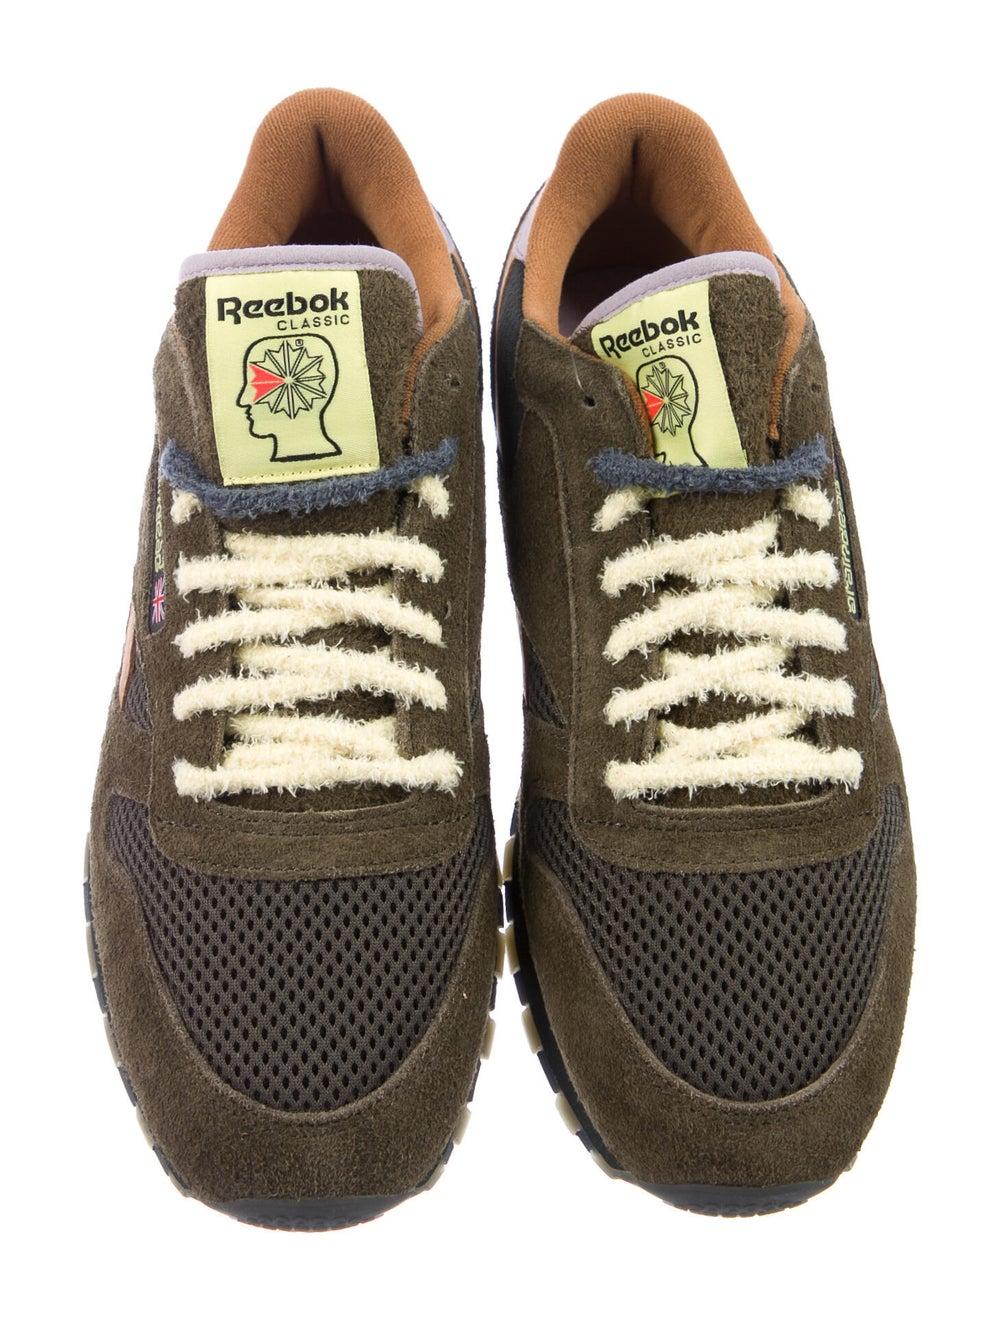 Reebok Suede Sneakers Green - image 3